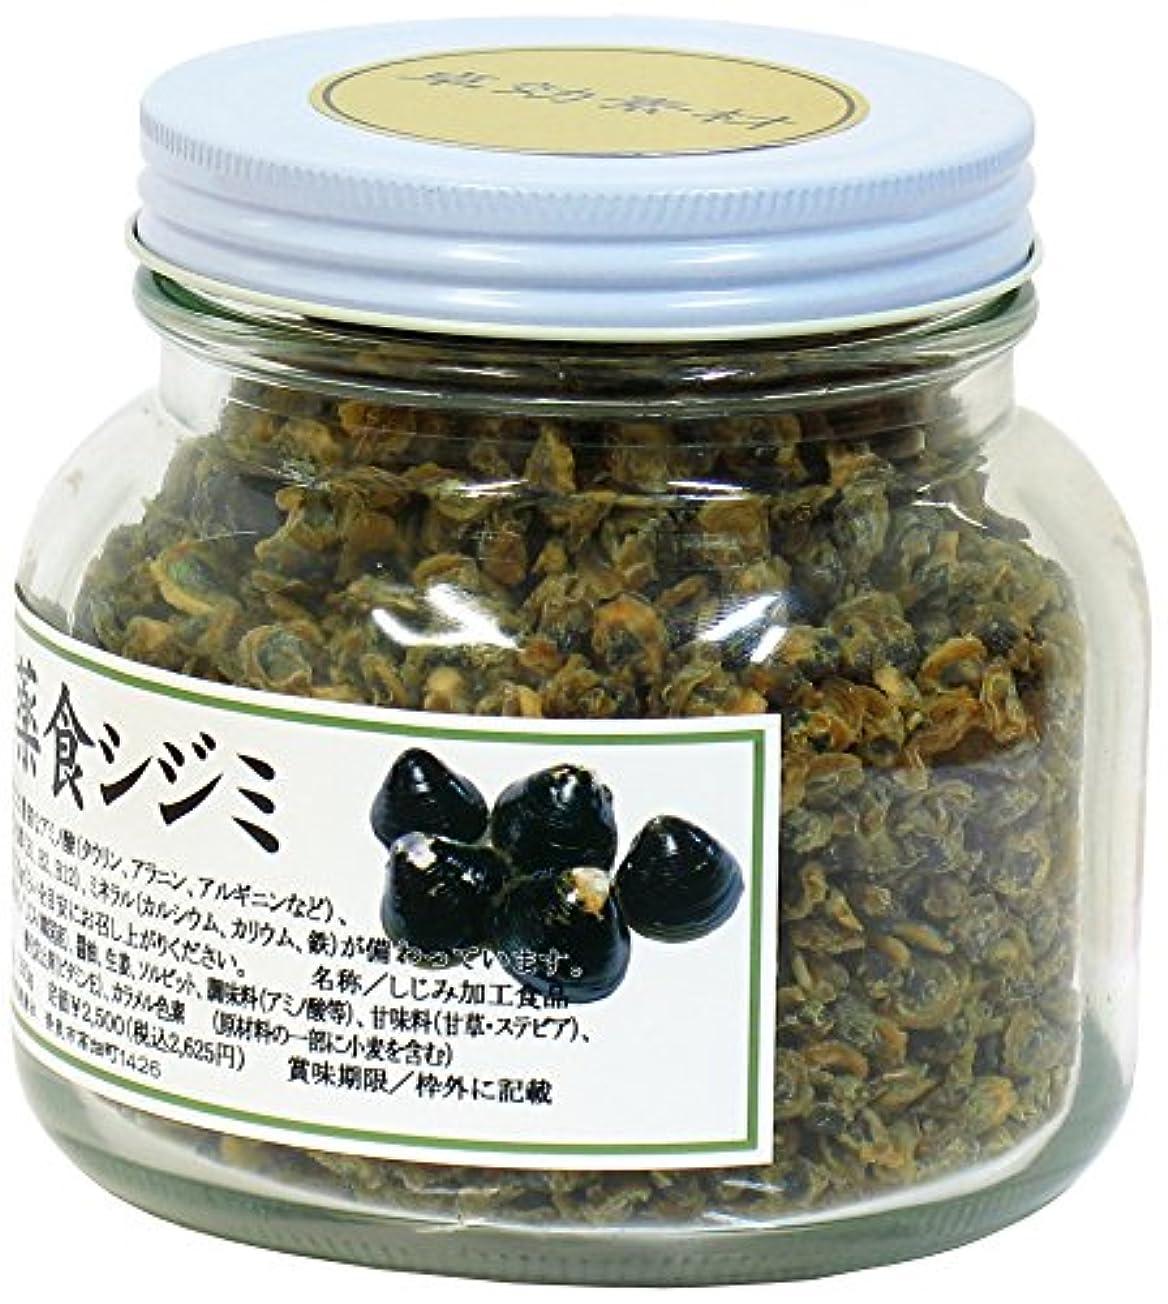 大臣恒久的ウィスキー薬食シジミ260g 乾燥 オルニチン タウリン